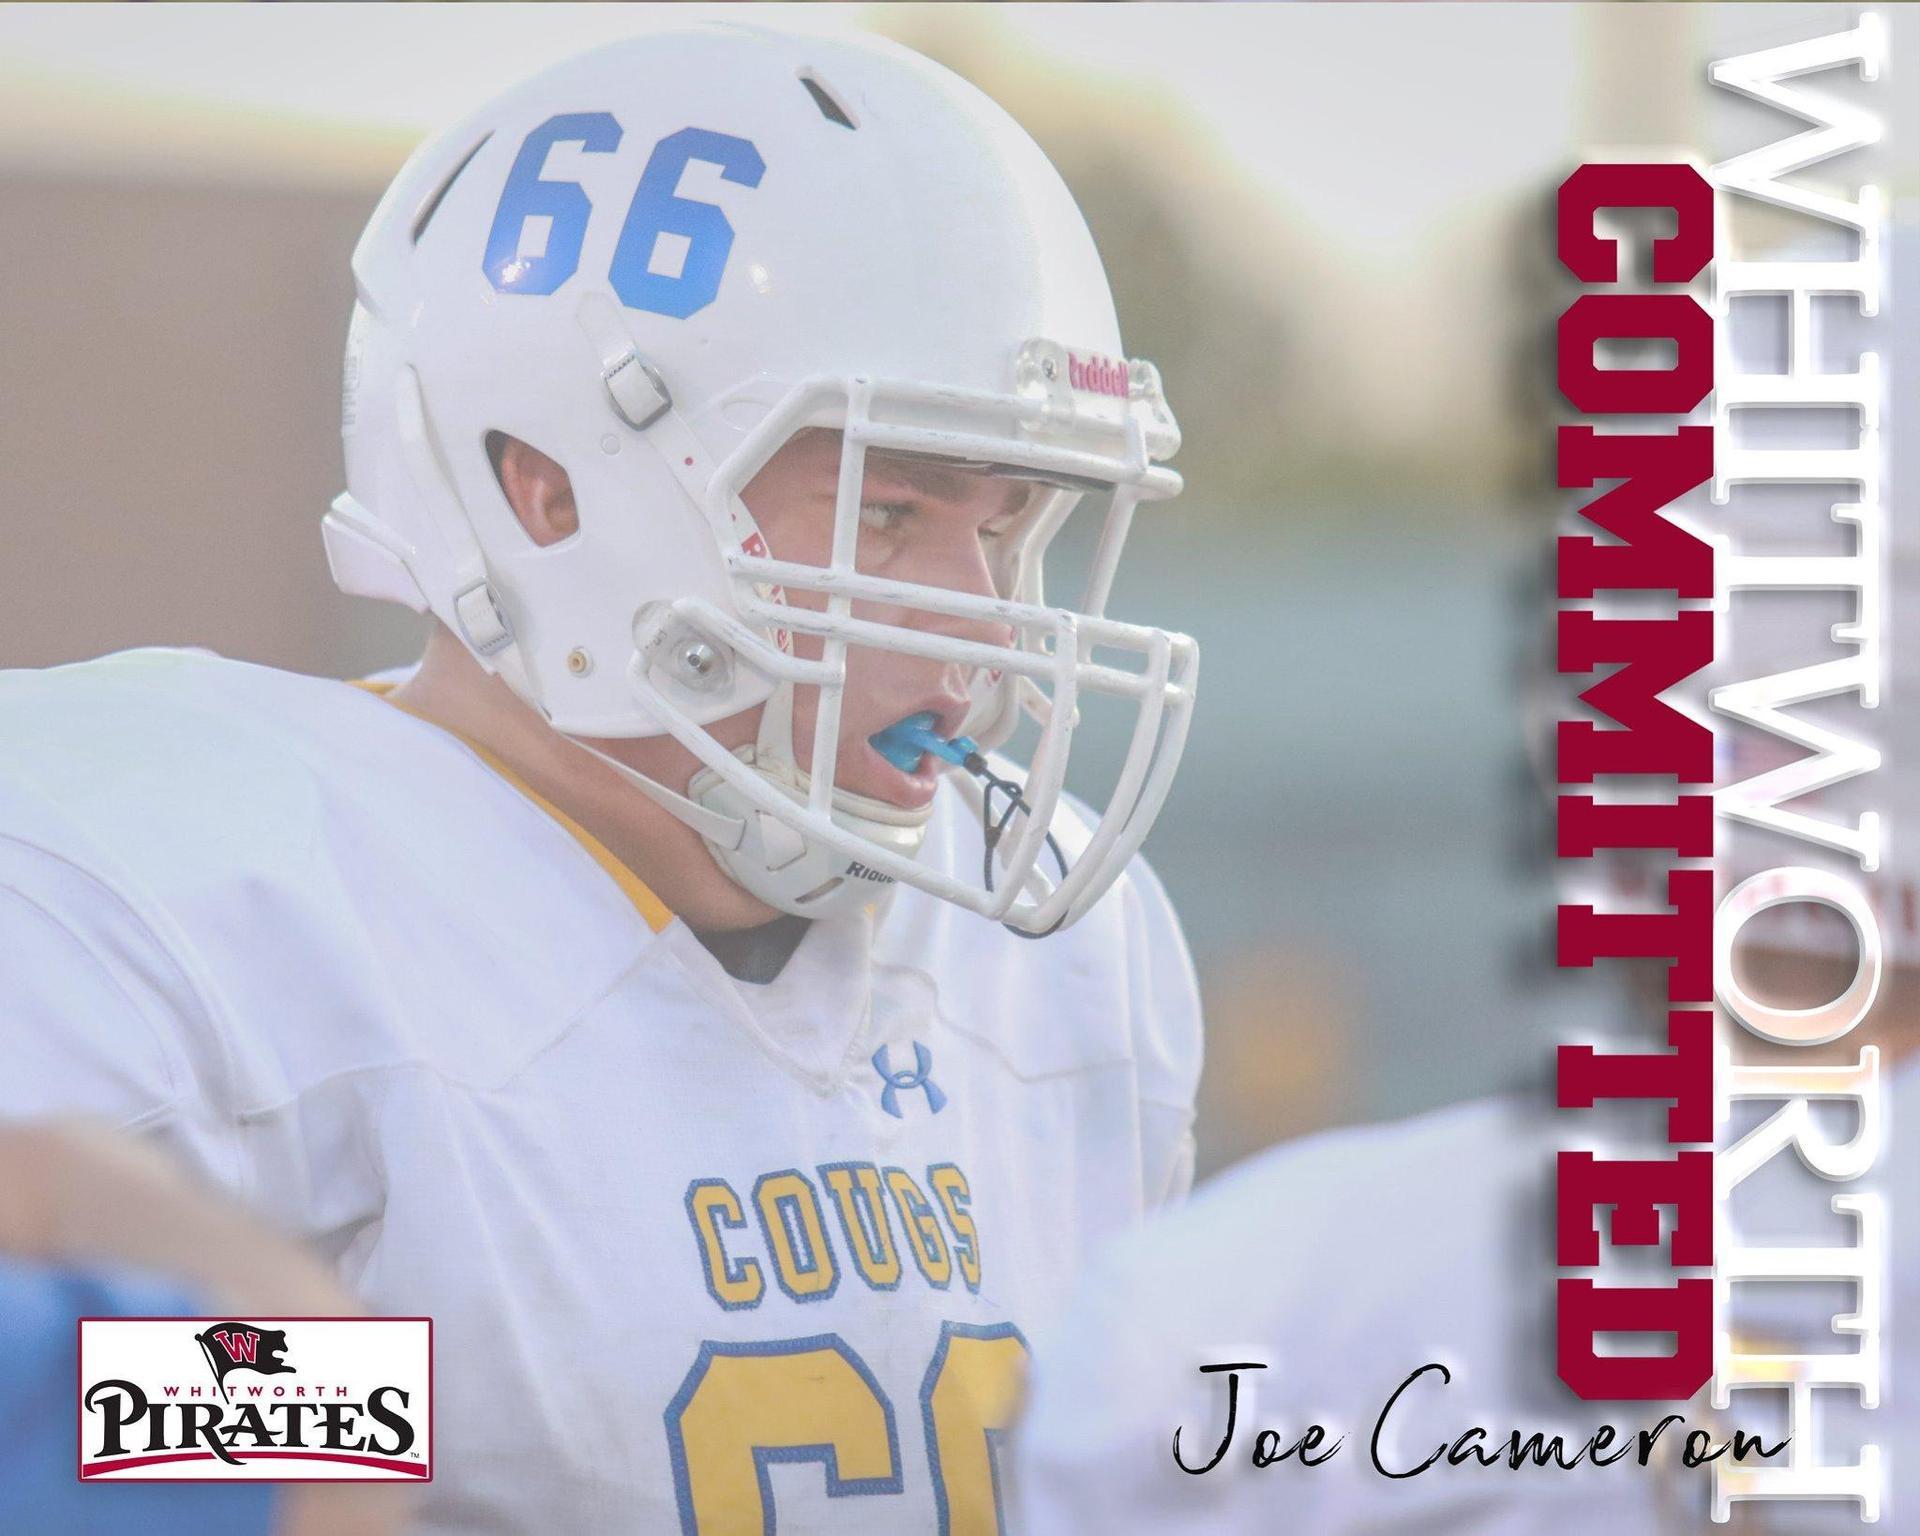 Joe Cameron